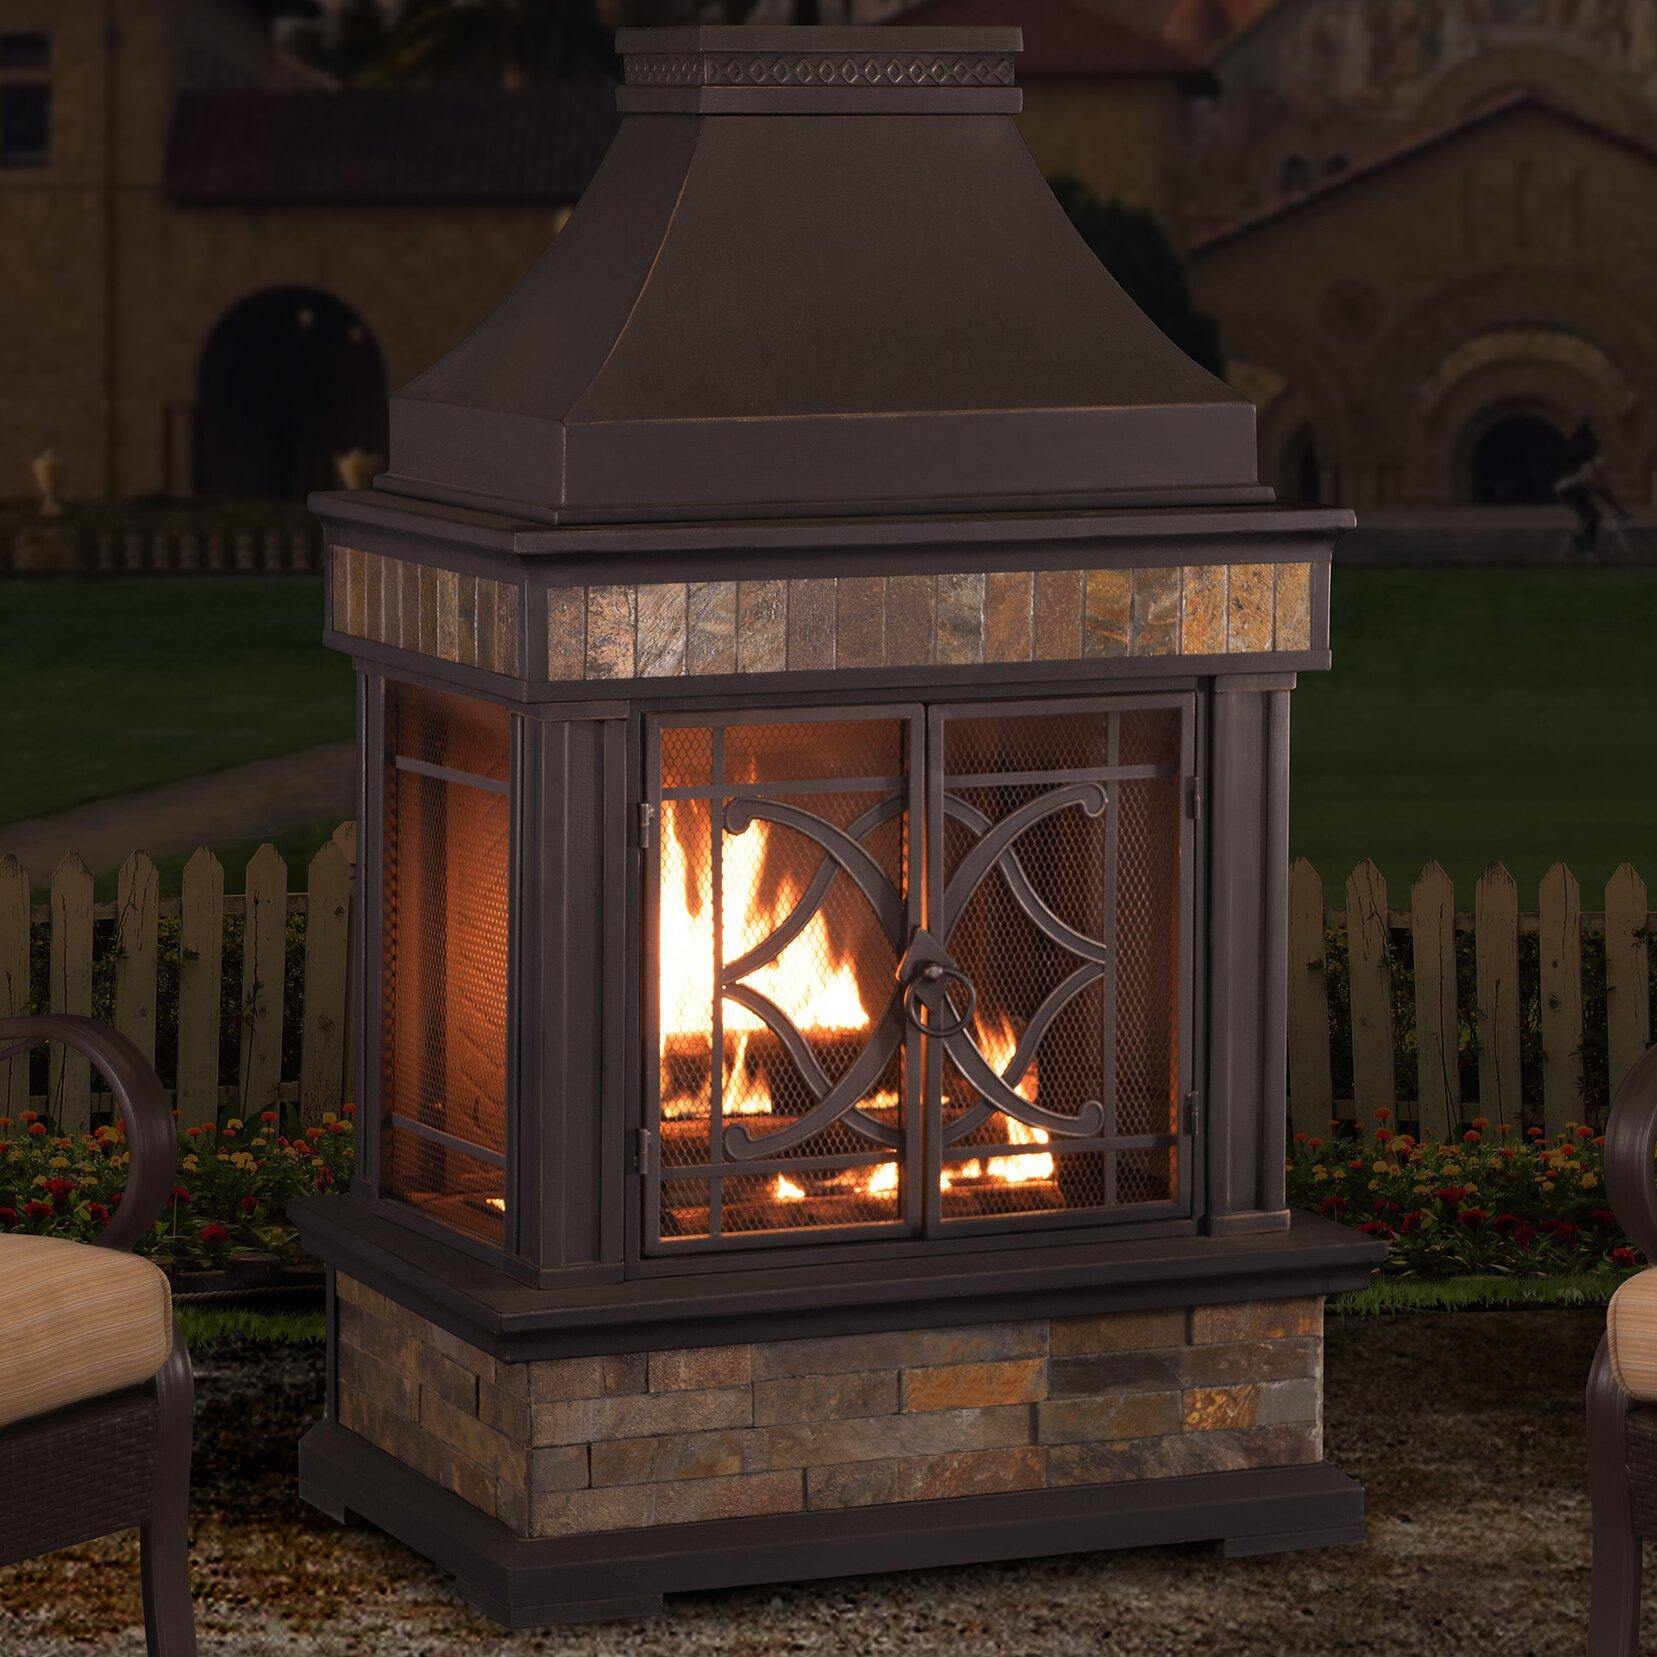 Benson Patio Fireplace Reviews – Patio Fireplace